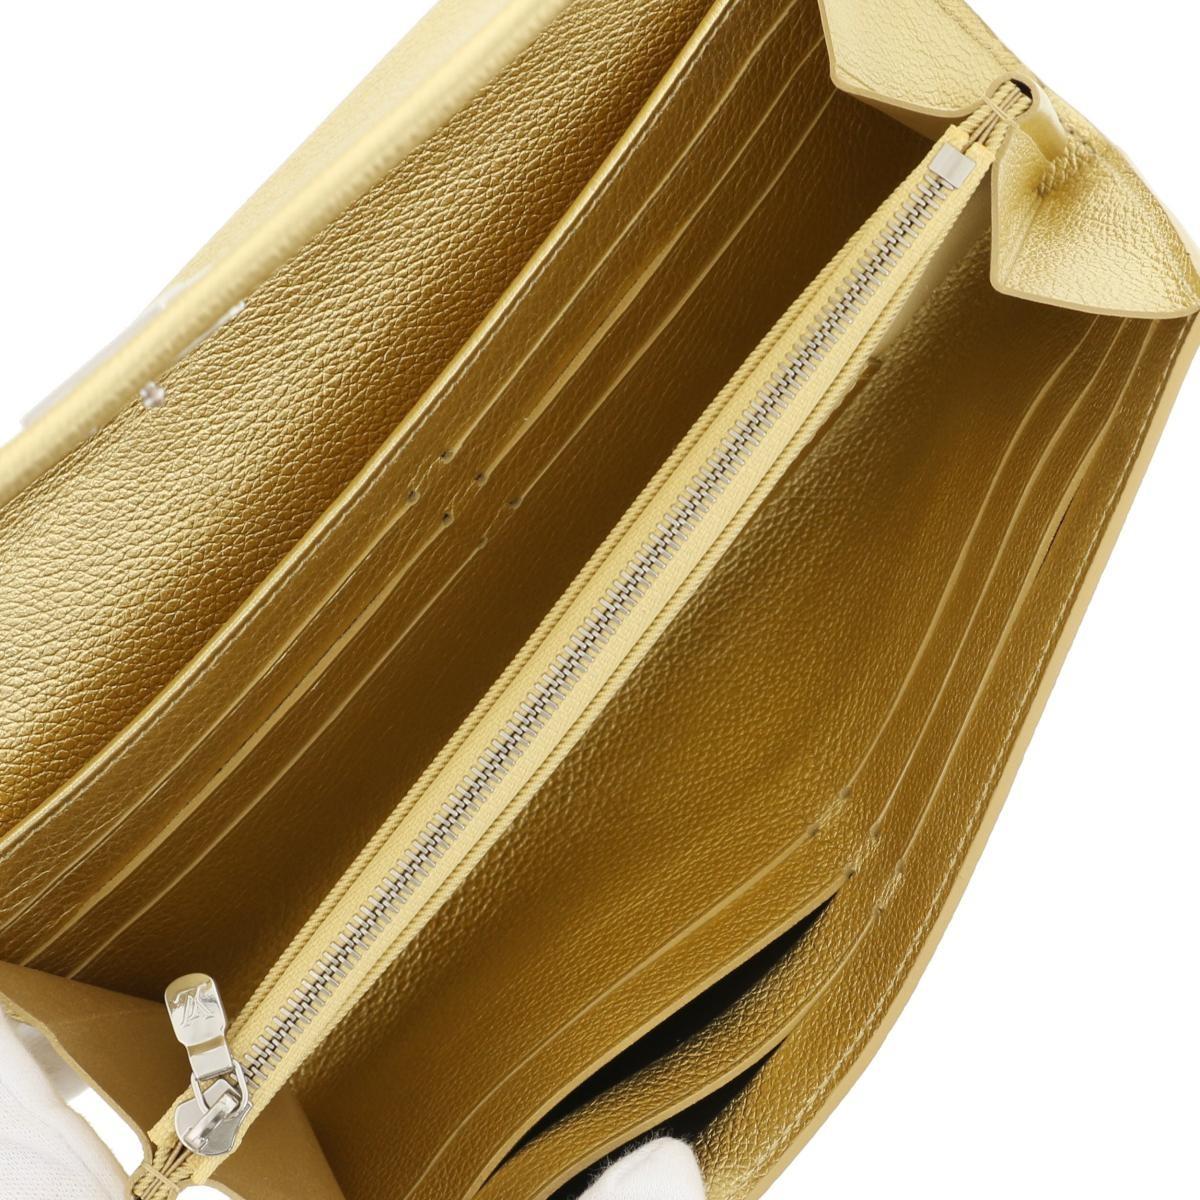 【即日発送・水曜定休日・木曜発送】【美品】【中古】【オススメ】【RI】 LOUIS VUITTON (ルイヴィトン) ポルトフォイユ・ロックミー 財布 長財布(小銭入有) lockme Gold/ゴールド M62077 used:A